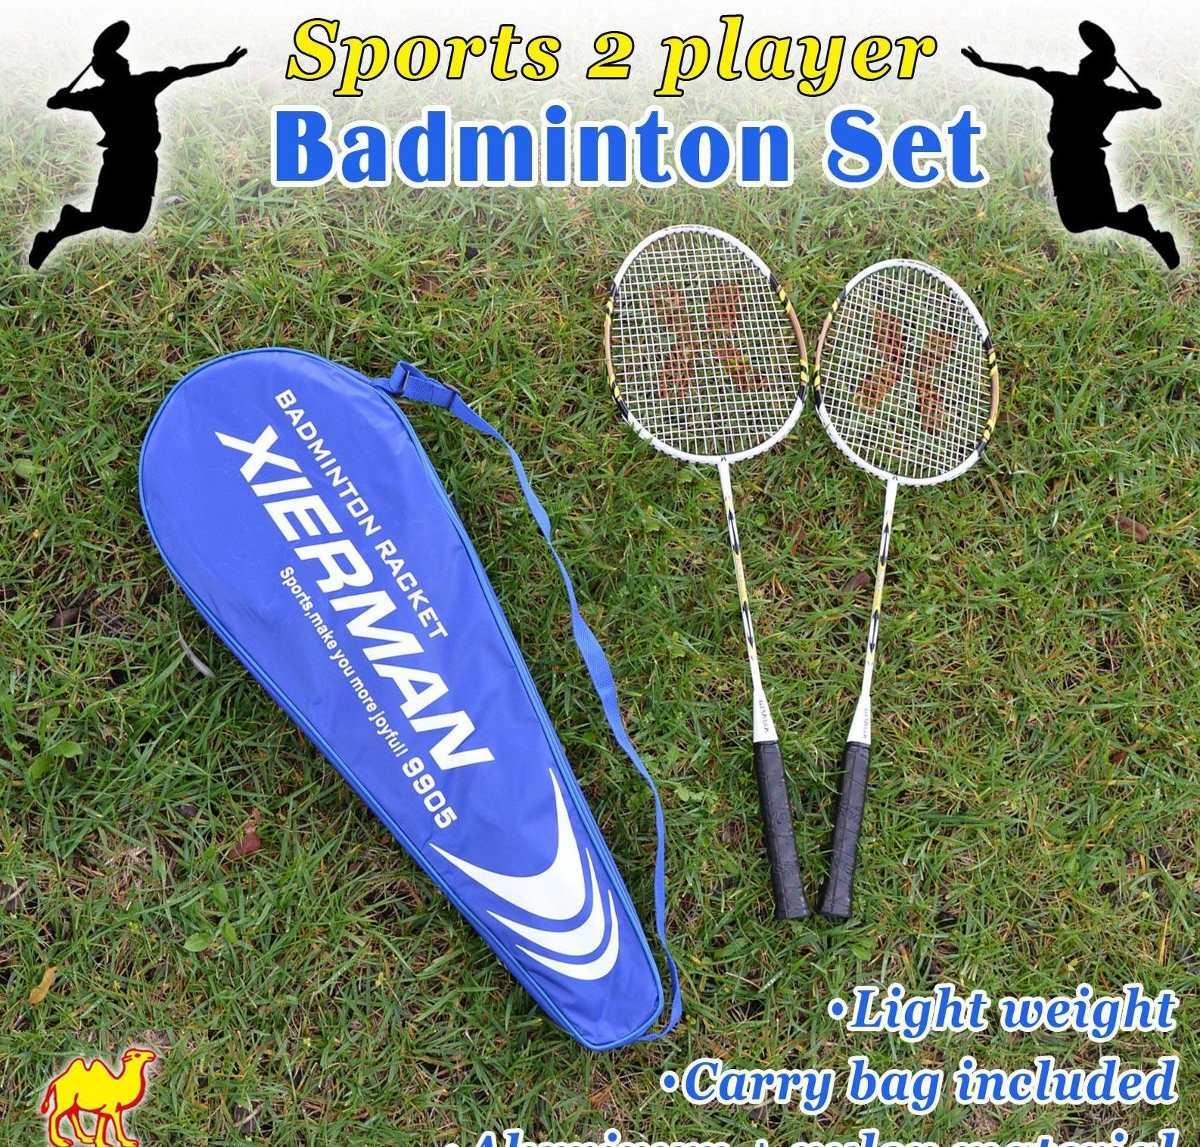 Nuevos Deportes 2 Raqueta De Bádminton Jugador Situado -   49.990 en ... 4d2eca6316023